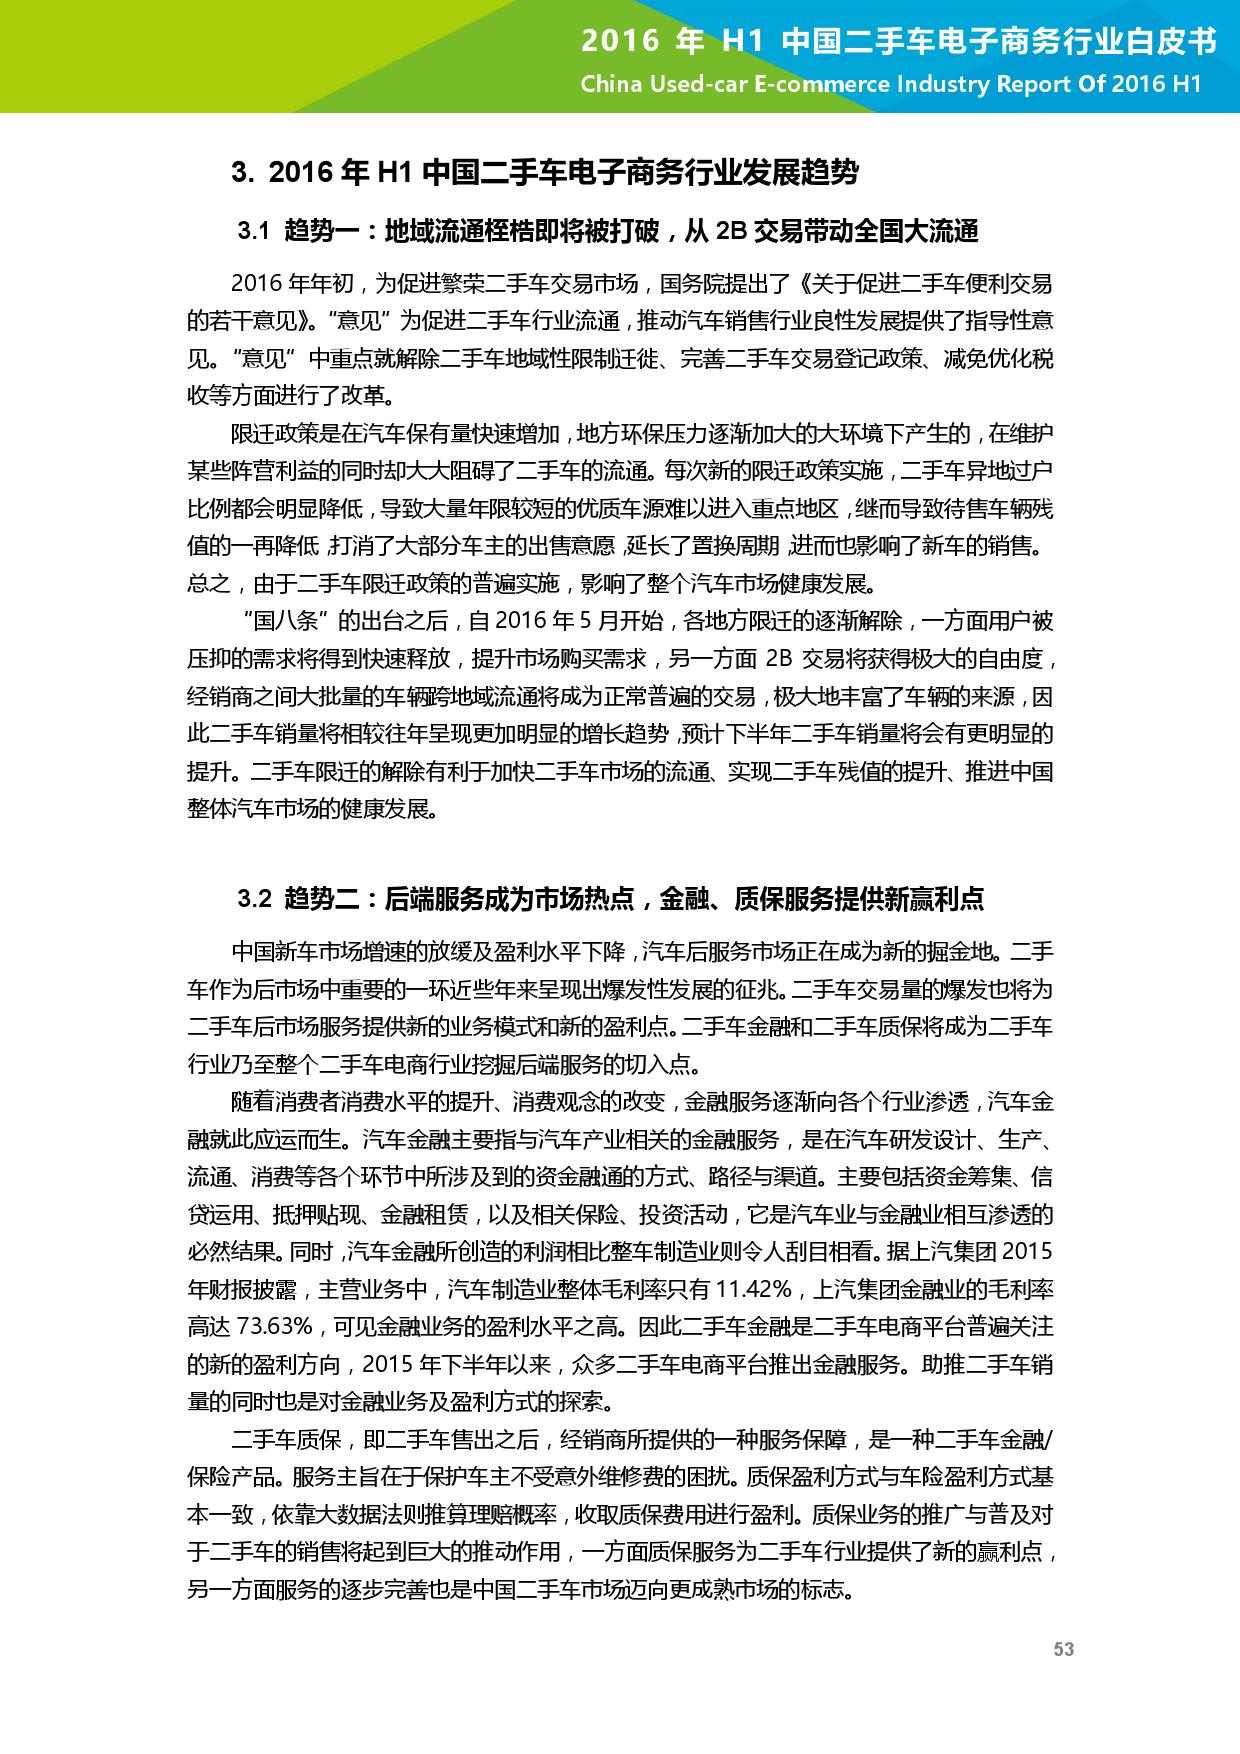 2016年H1中国二手车电子商务行业白皮书_000054